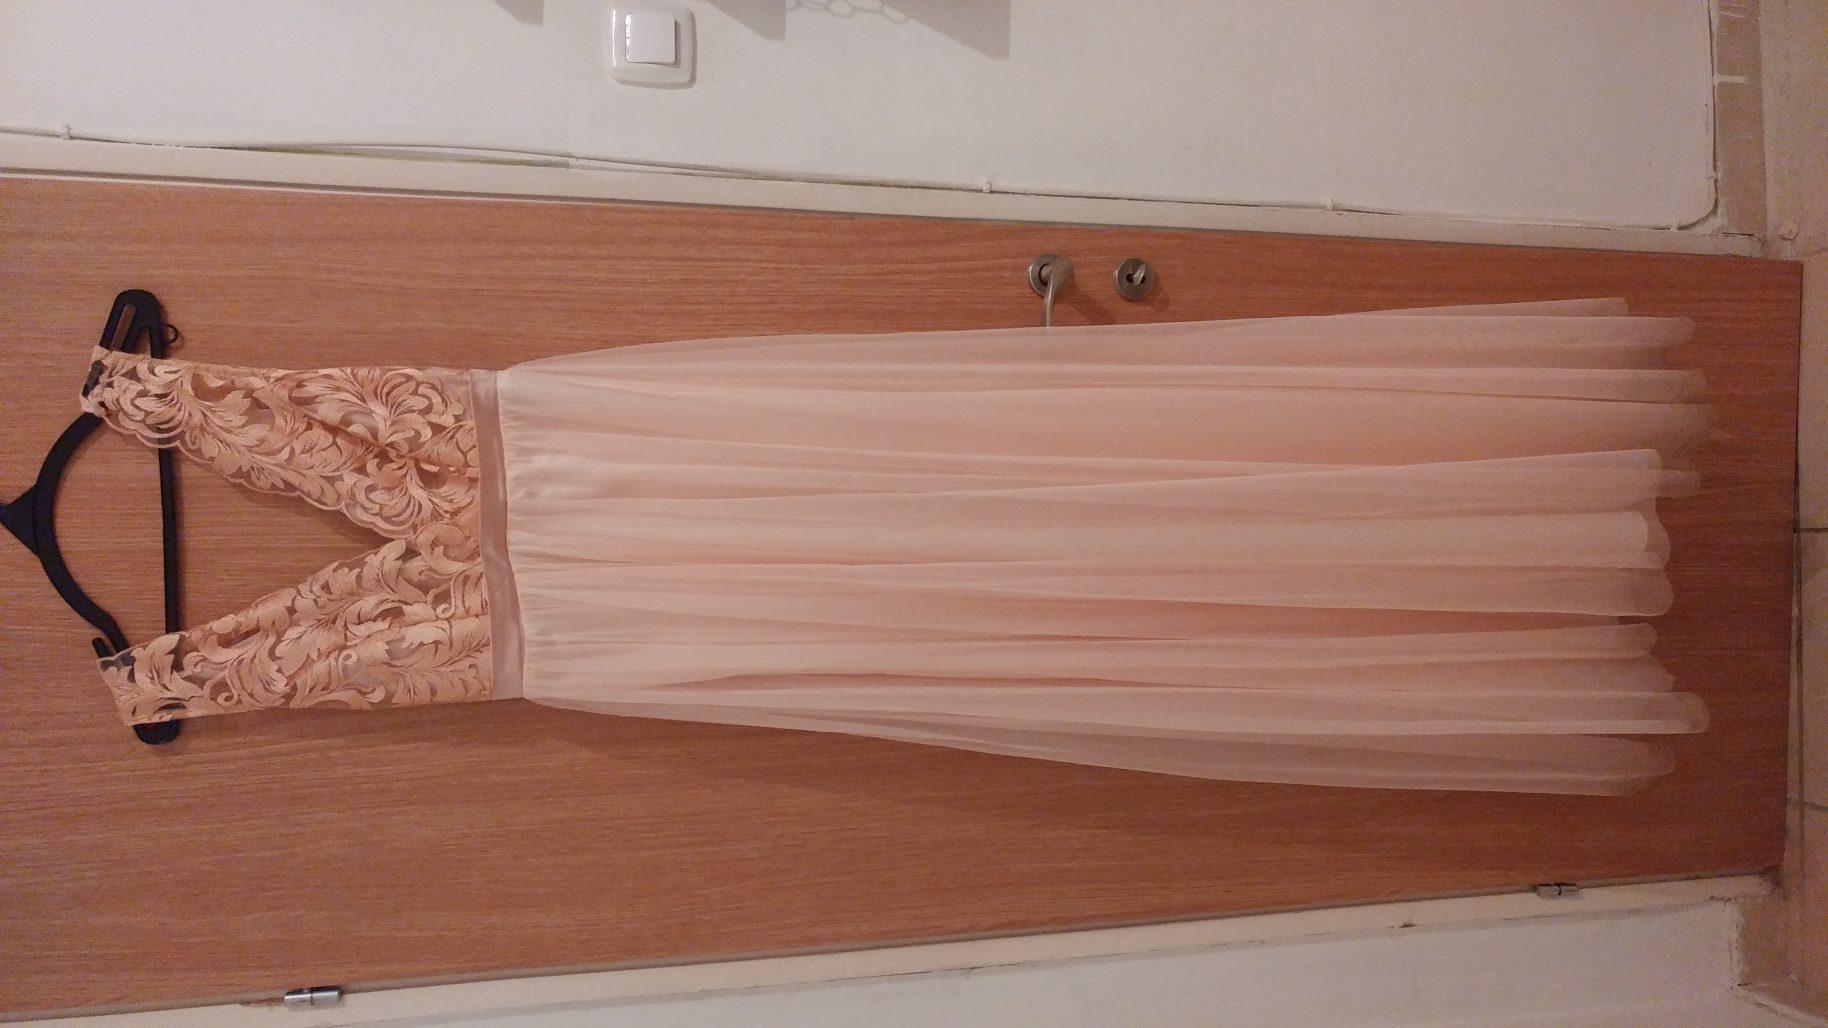 תמונות נוספות של שמלת ערב מושלמת ועדינה למכירה